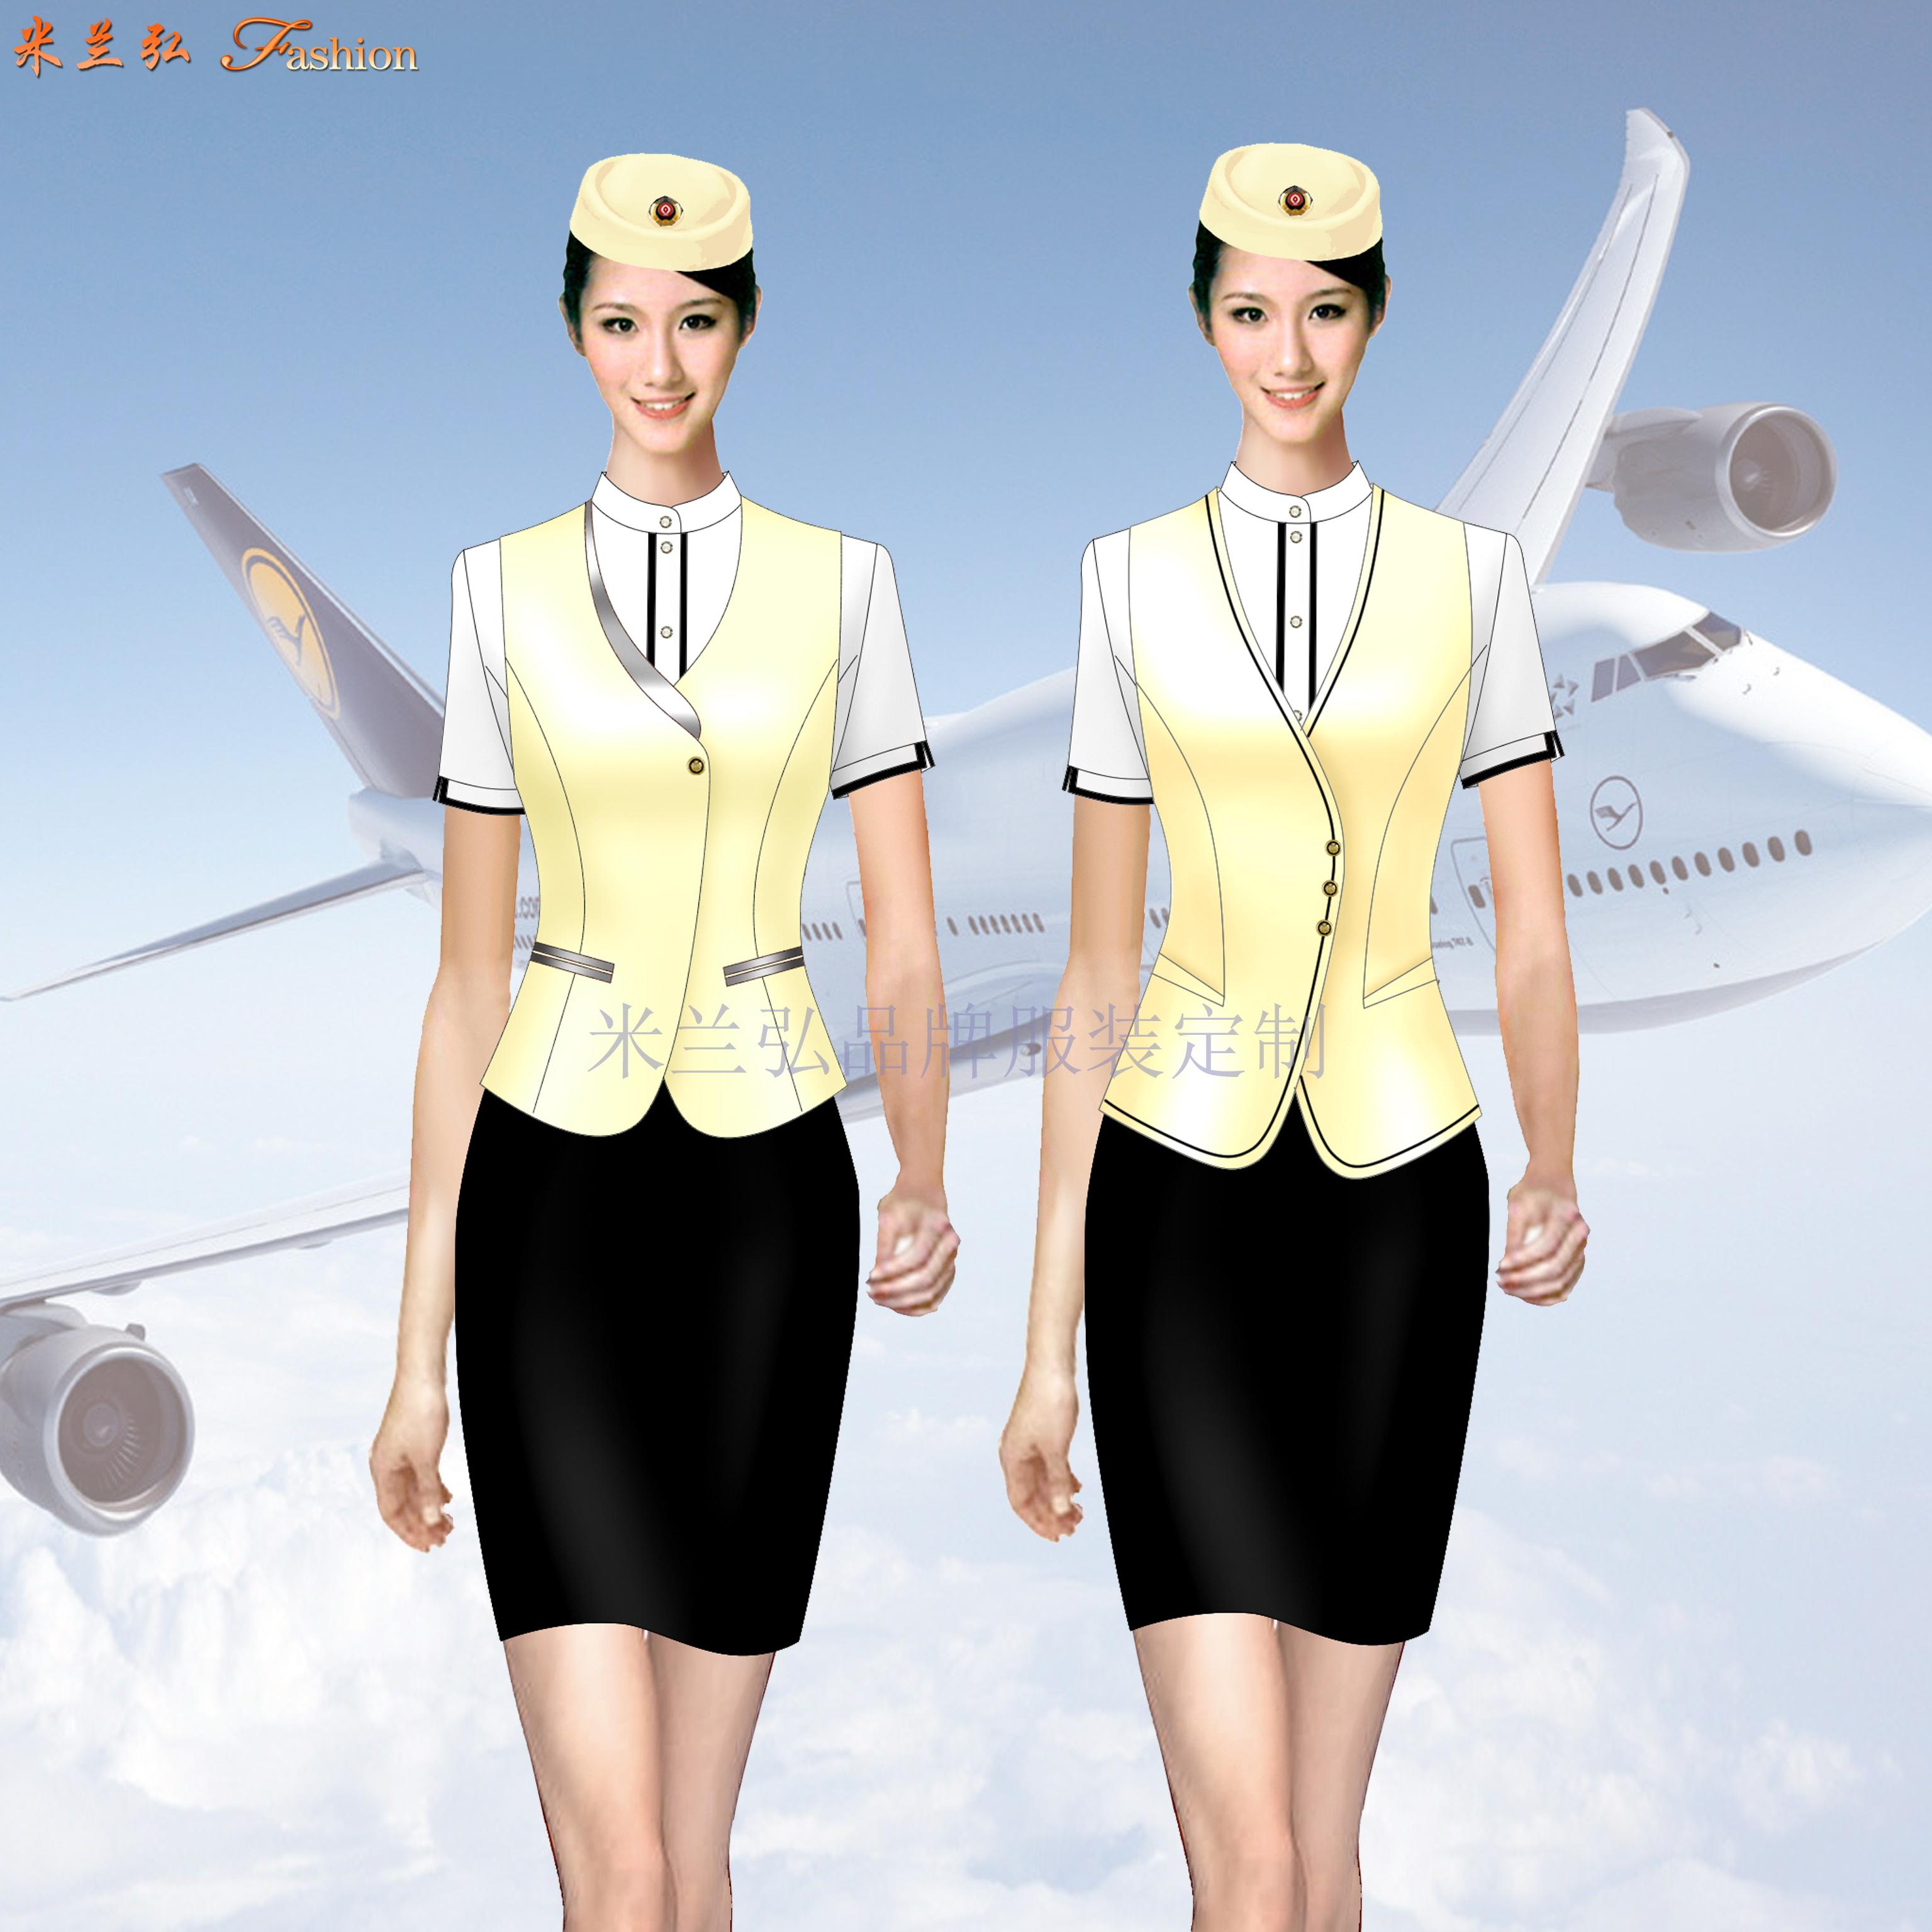 「夏季空姐服」批發定做空姐服夏季短袖套裝廠家-米蘭弘服裝-3